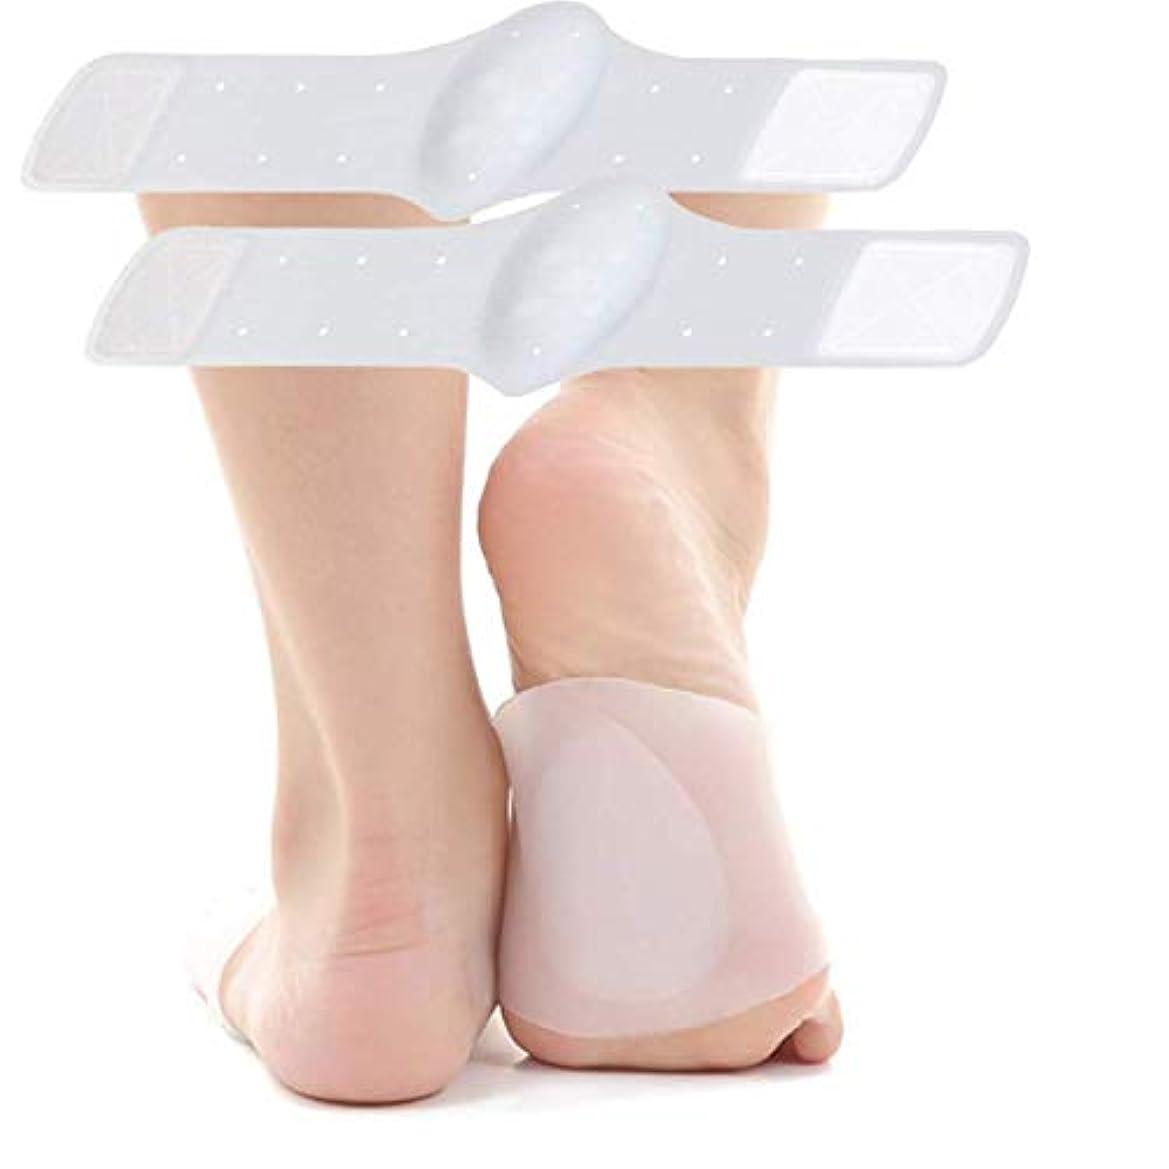 判読できない流体緊張扁平足 サポーター アーチサポーター 足底筋膜炎 足の痛み 歩行 立ち仕事 シリコン2個入り